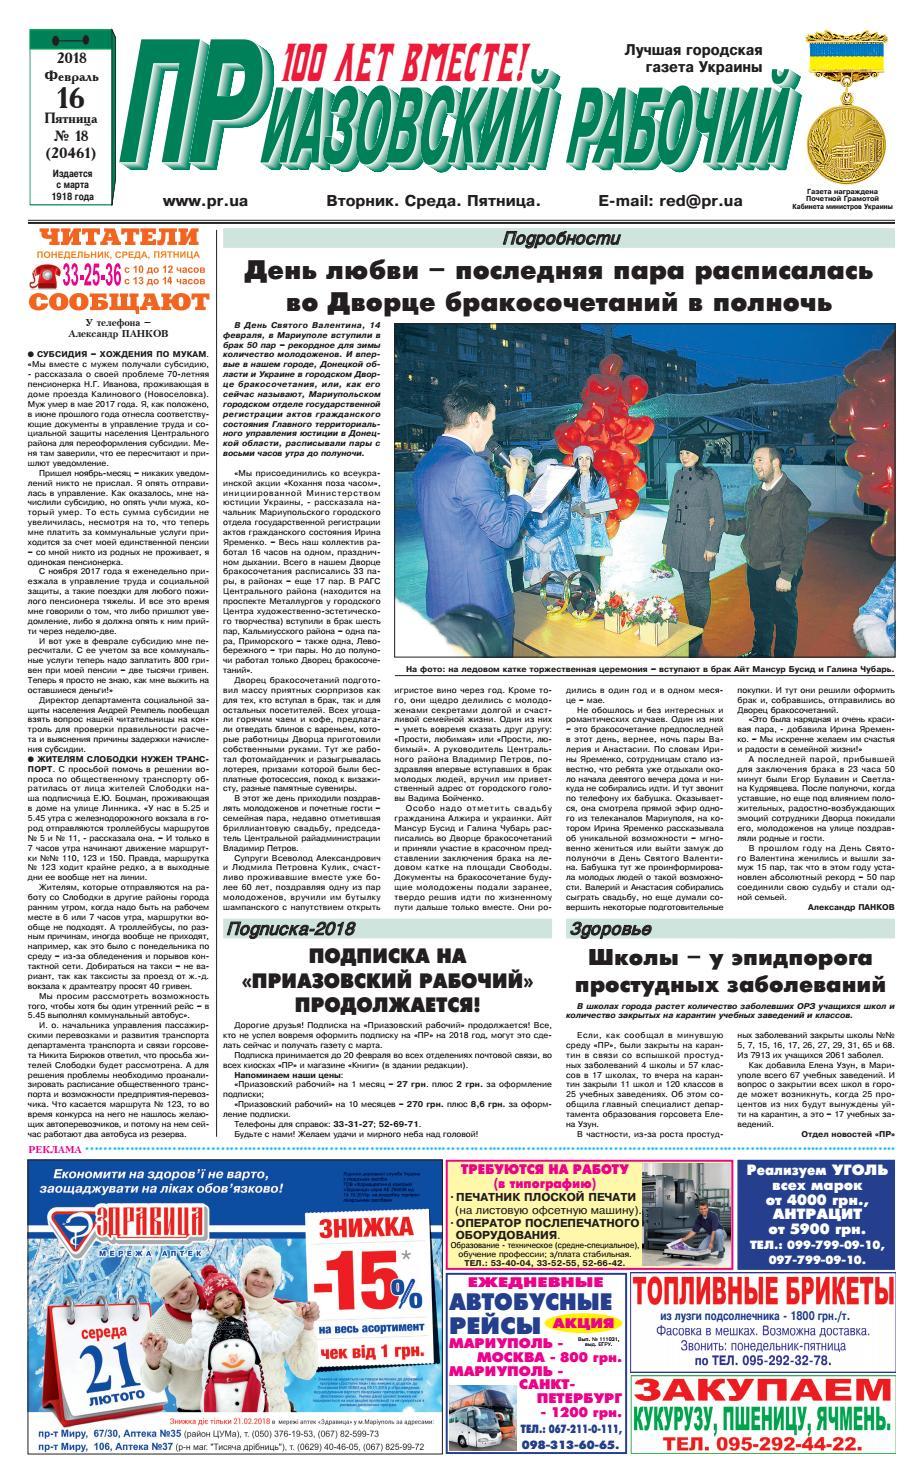 molodozheni-prishli-na-fotosessiyu-i-poluchilsya-gruppovoy-seks